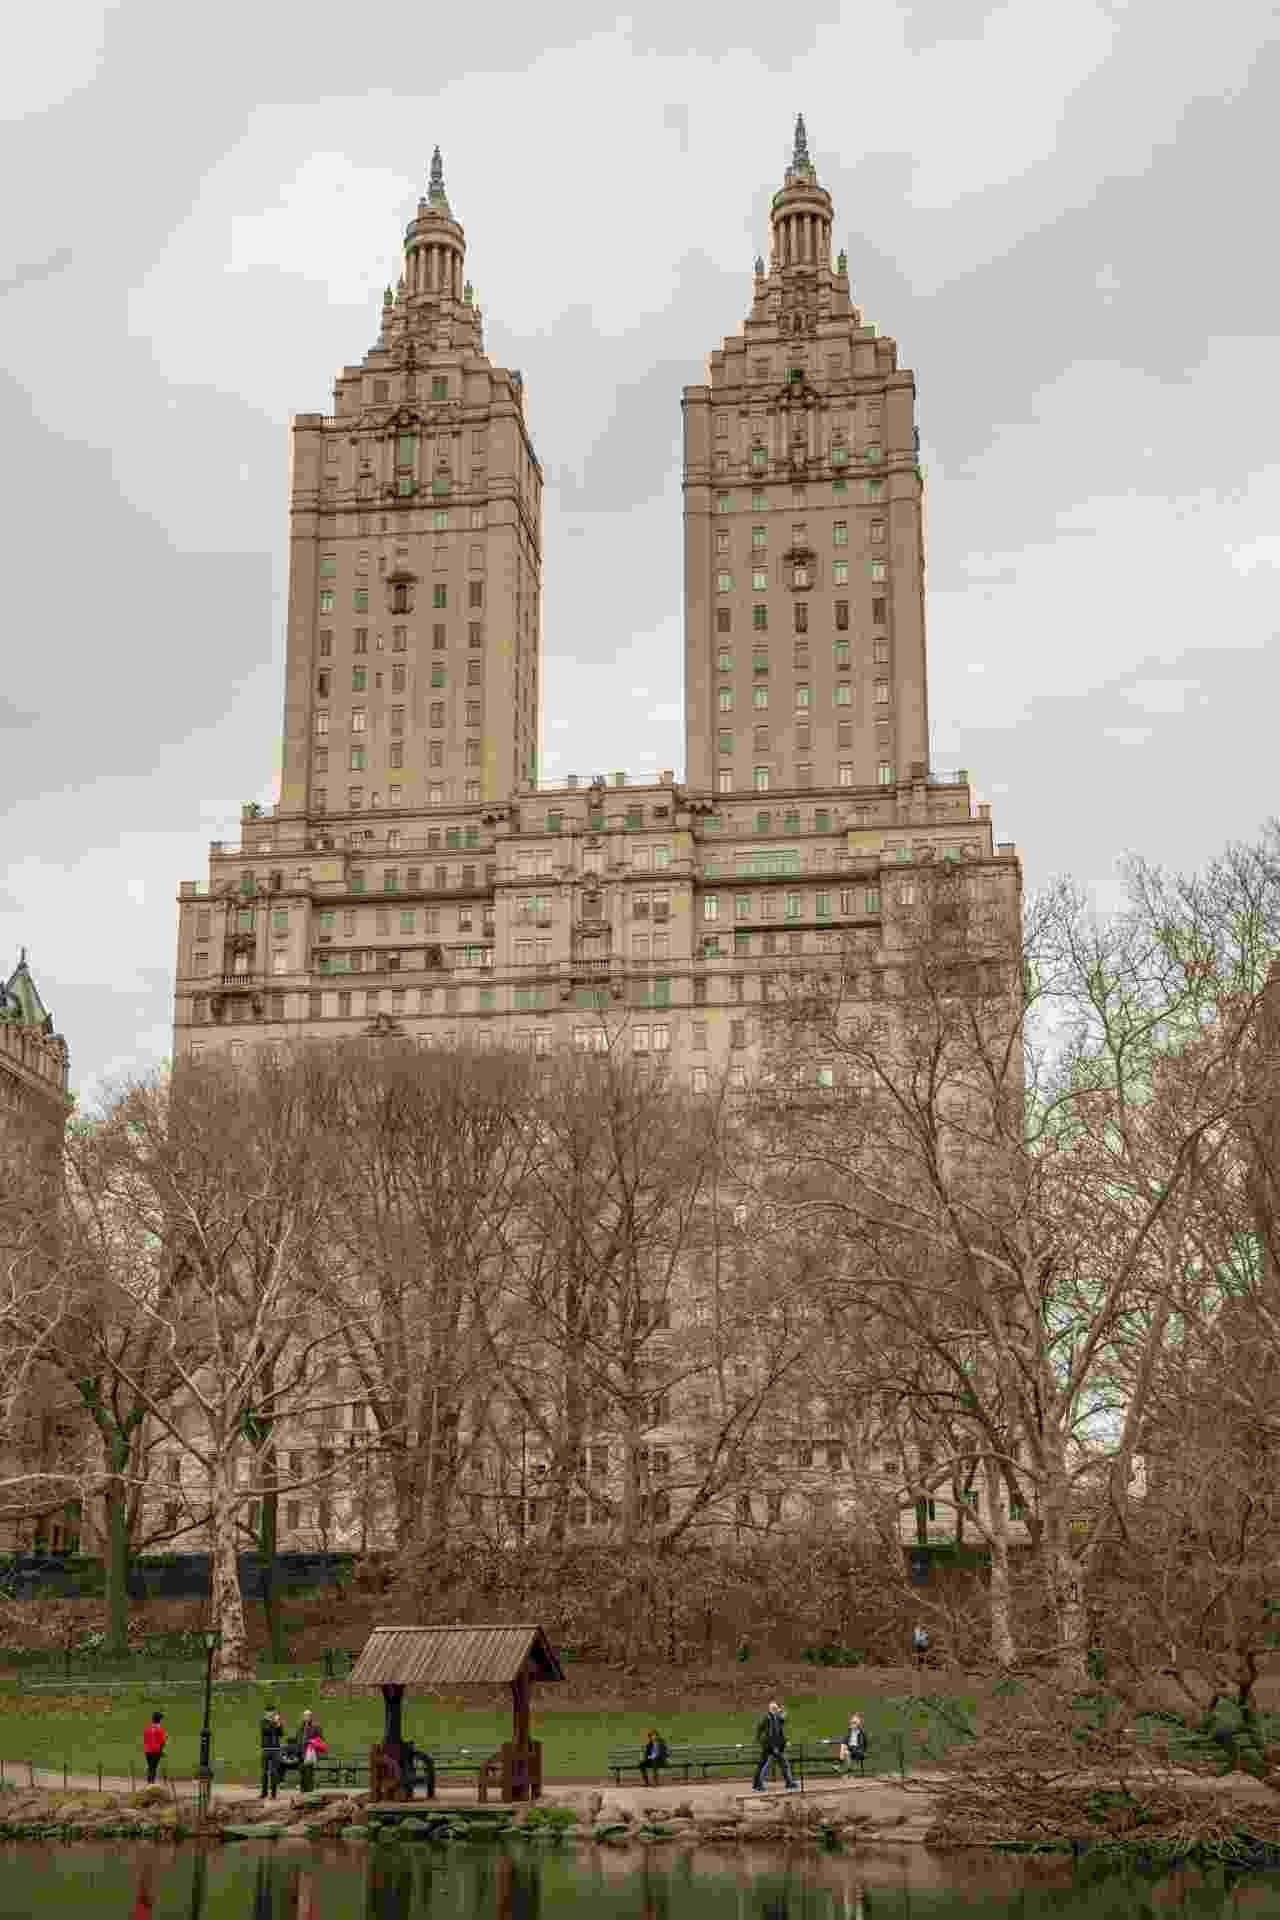 Cobertura triplex - Central Park NY (Imagem do NYT, usar apenas no respectivo material) - Tony Cenicola/ The New York Times